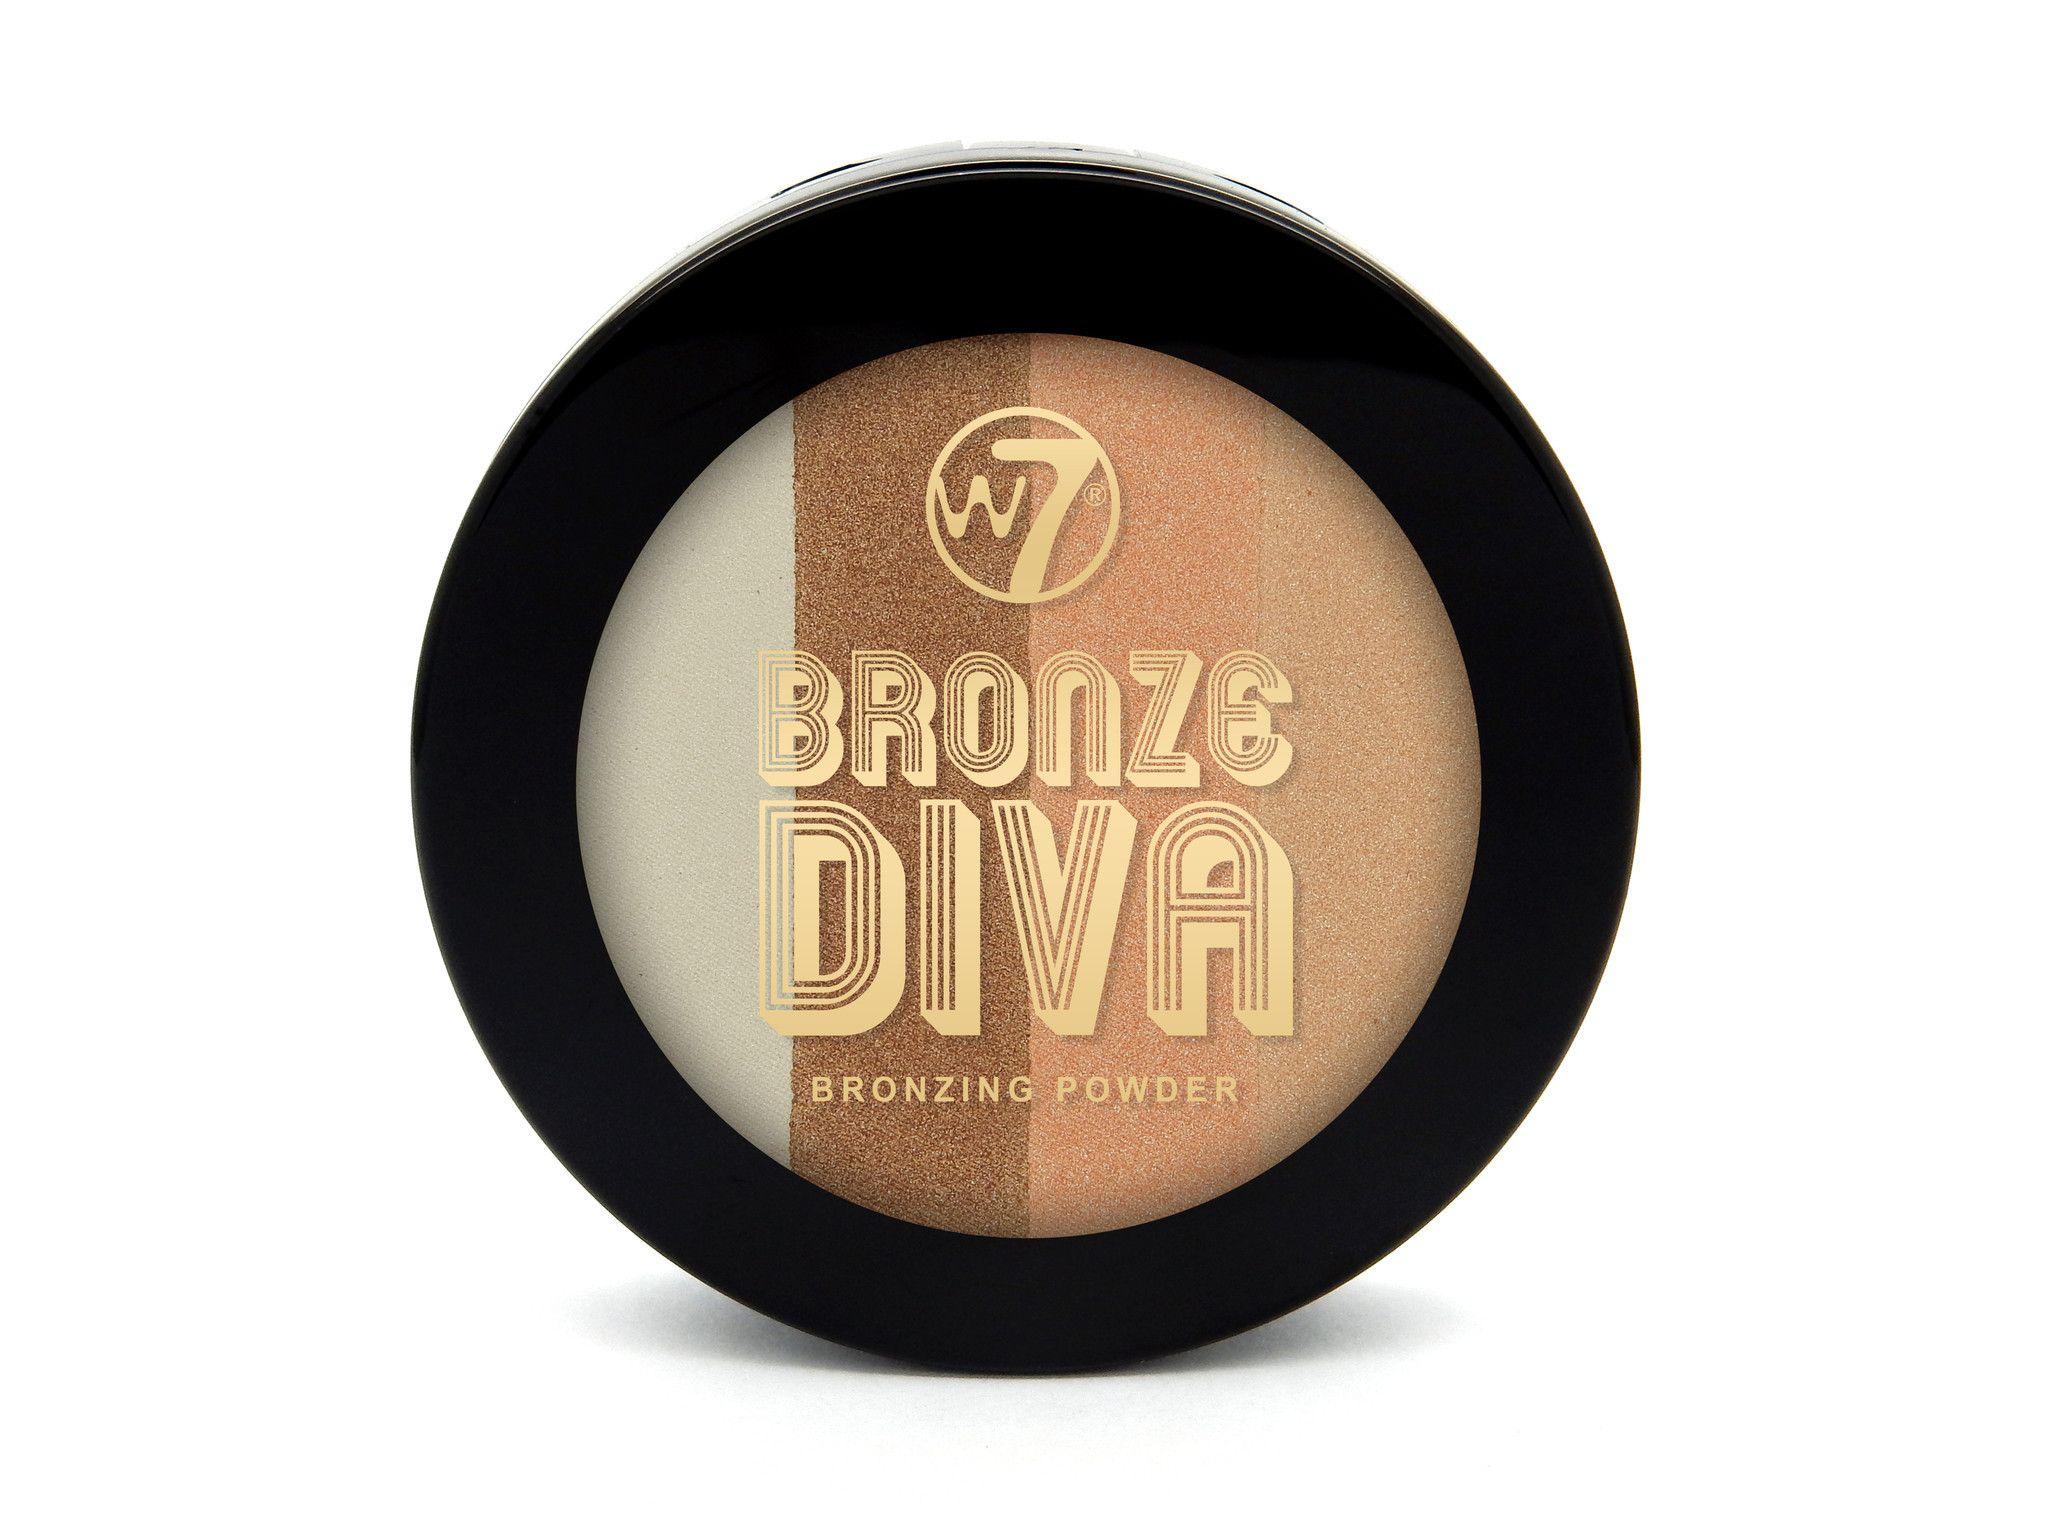 $8 Bronze Diva - Beach Baby